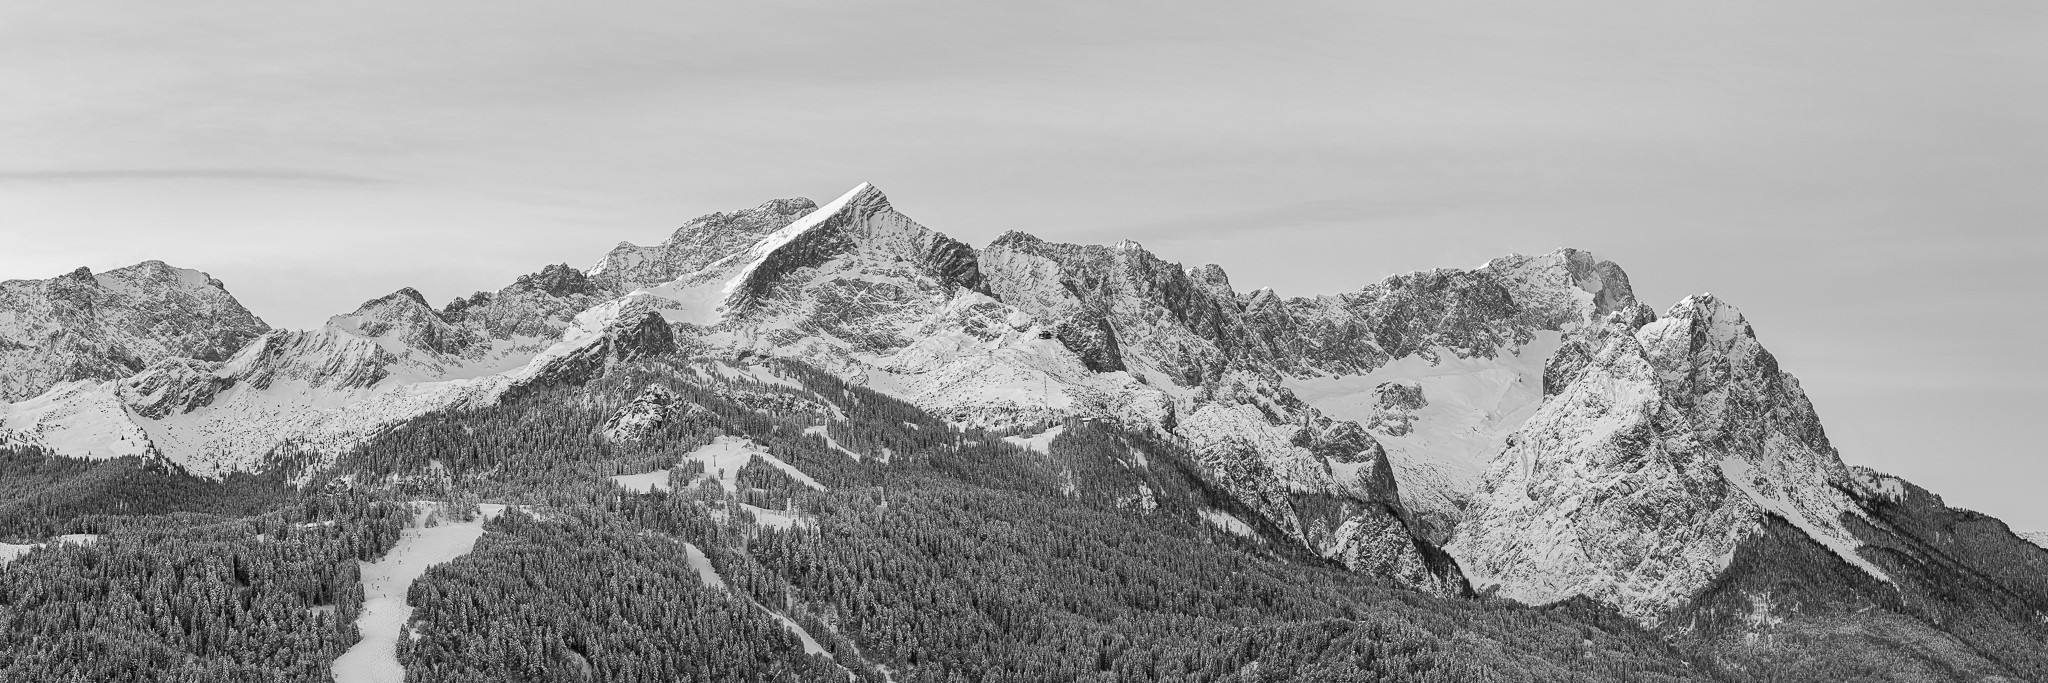 Schwarz-Weiß: Das erste Sonnenlicht streift die Bergspitzen über Garmisch-Partenkirchen. Alpspitze, Zugspitze und Waxenstein